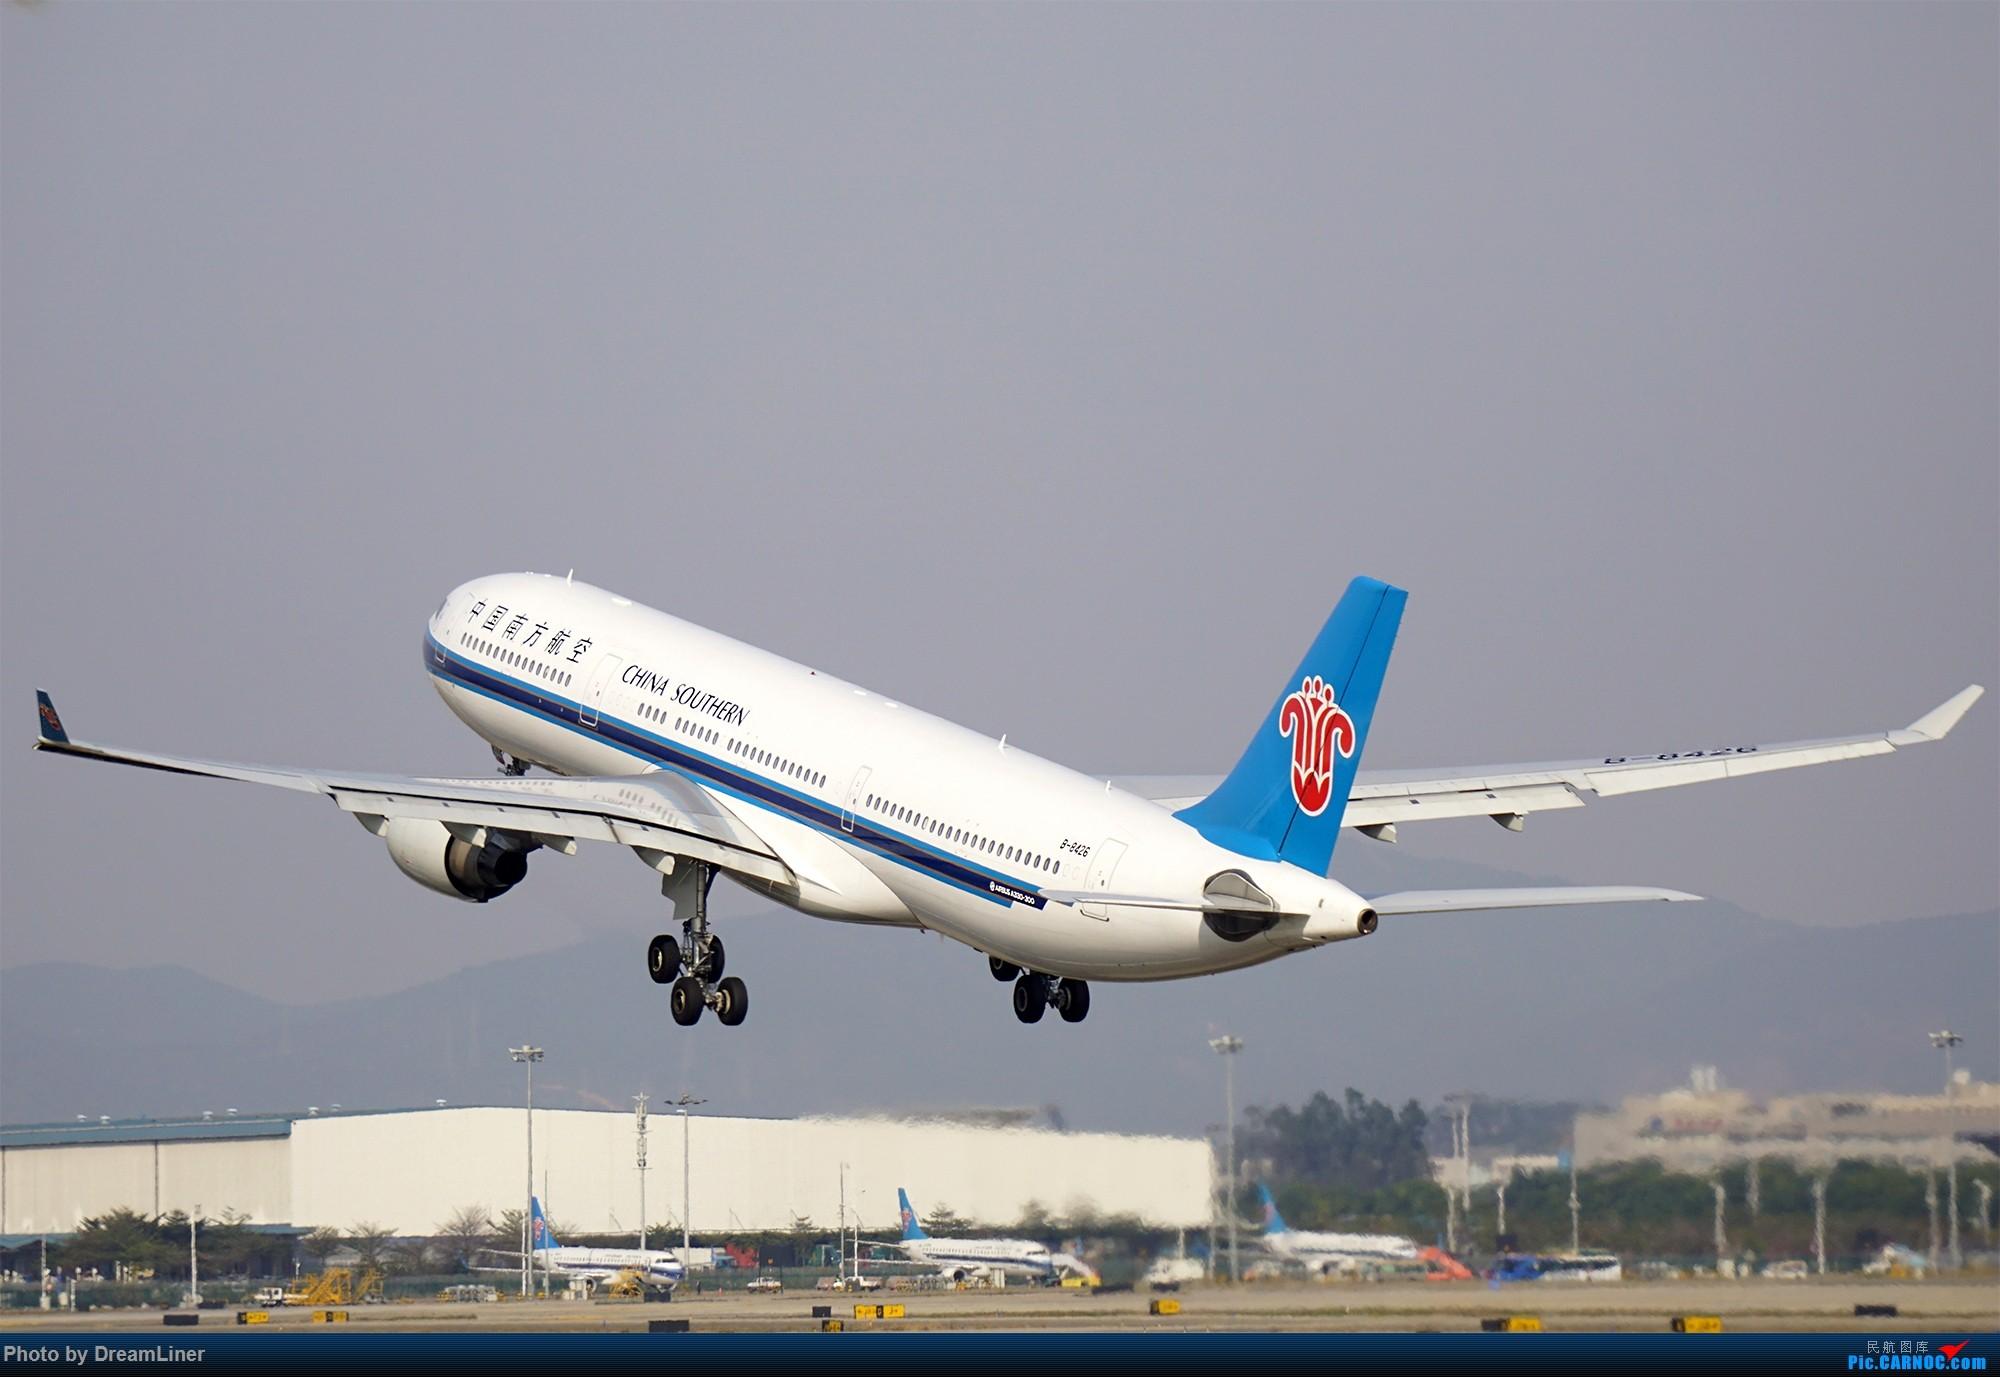 Re:[原创]17年暑假和今年寒假的ZGGG拍机成果 AIRBUS A330-300 B-8426 中国广州白云国际机场